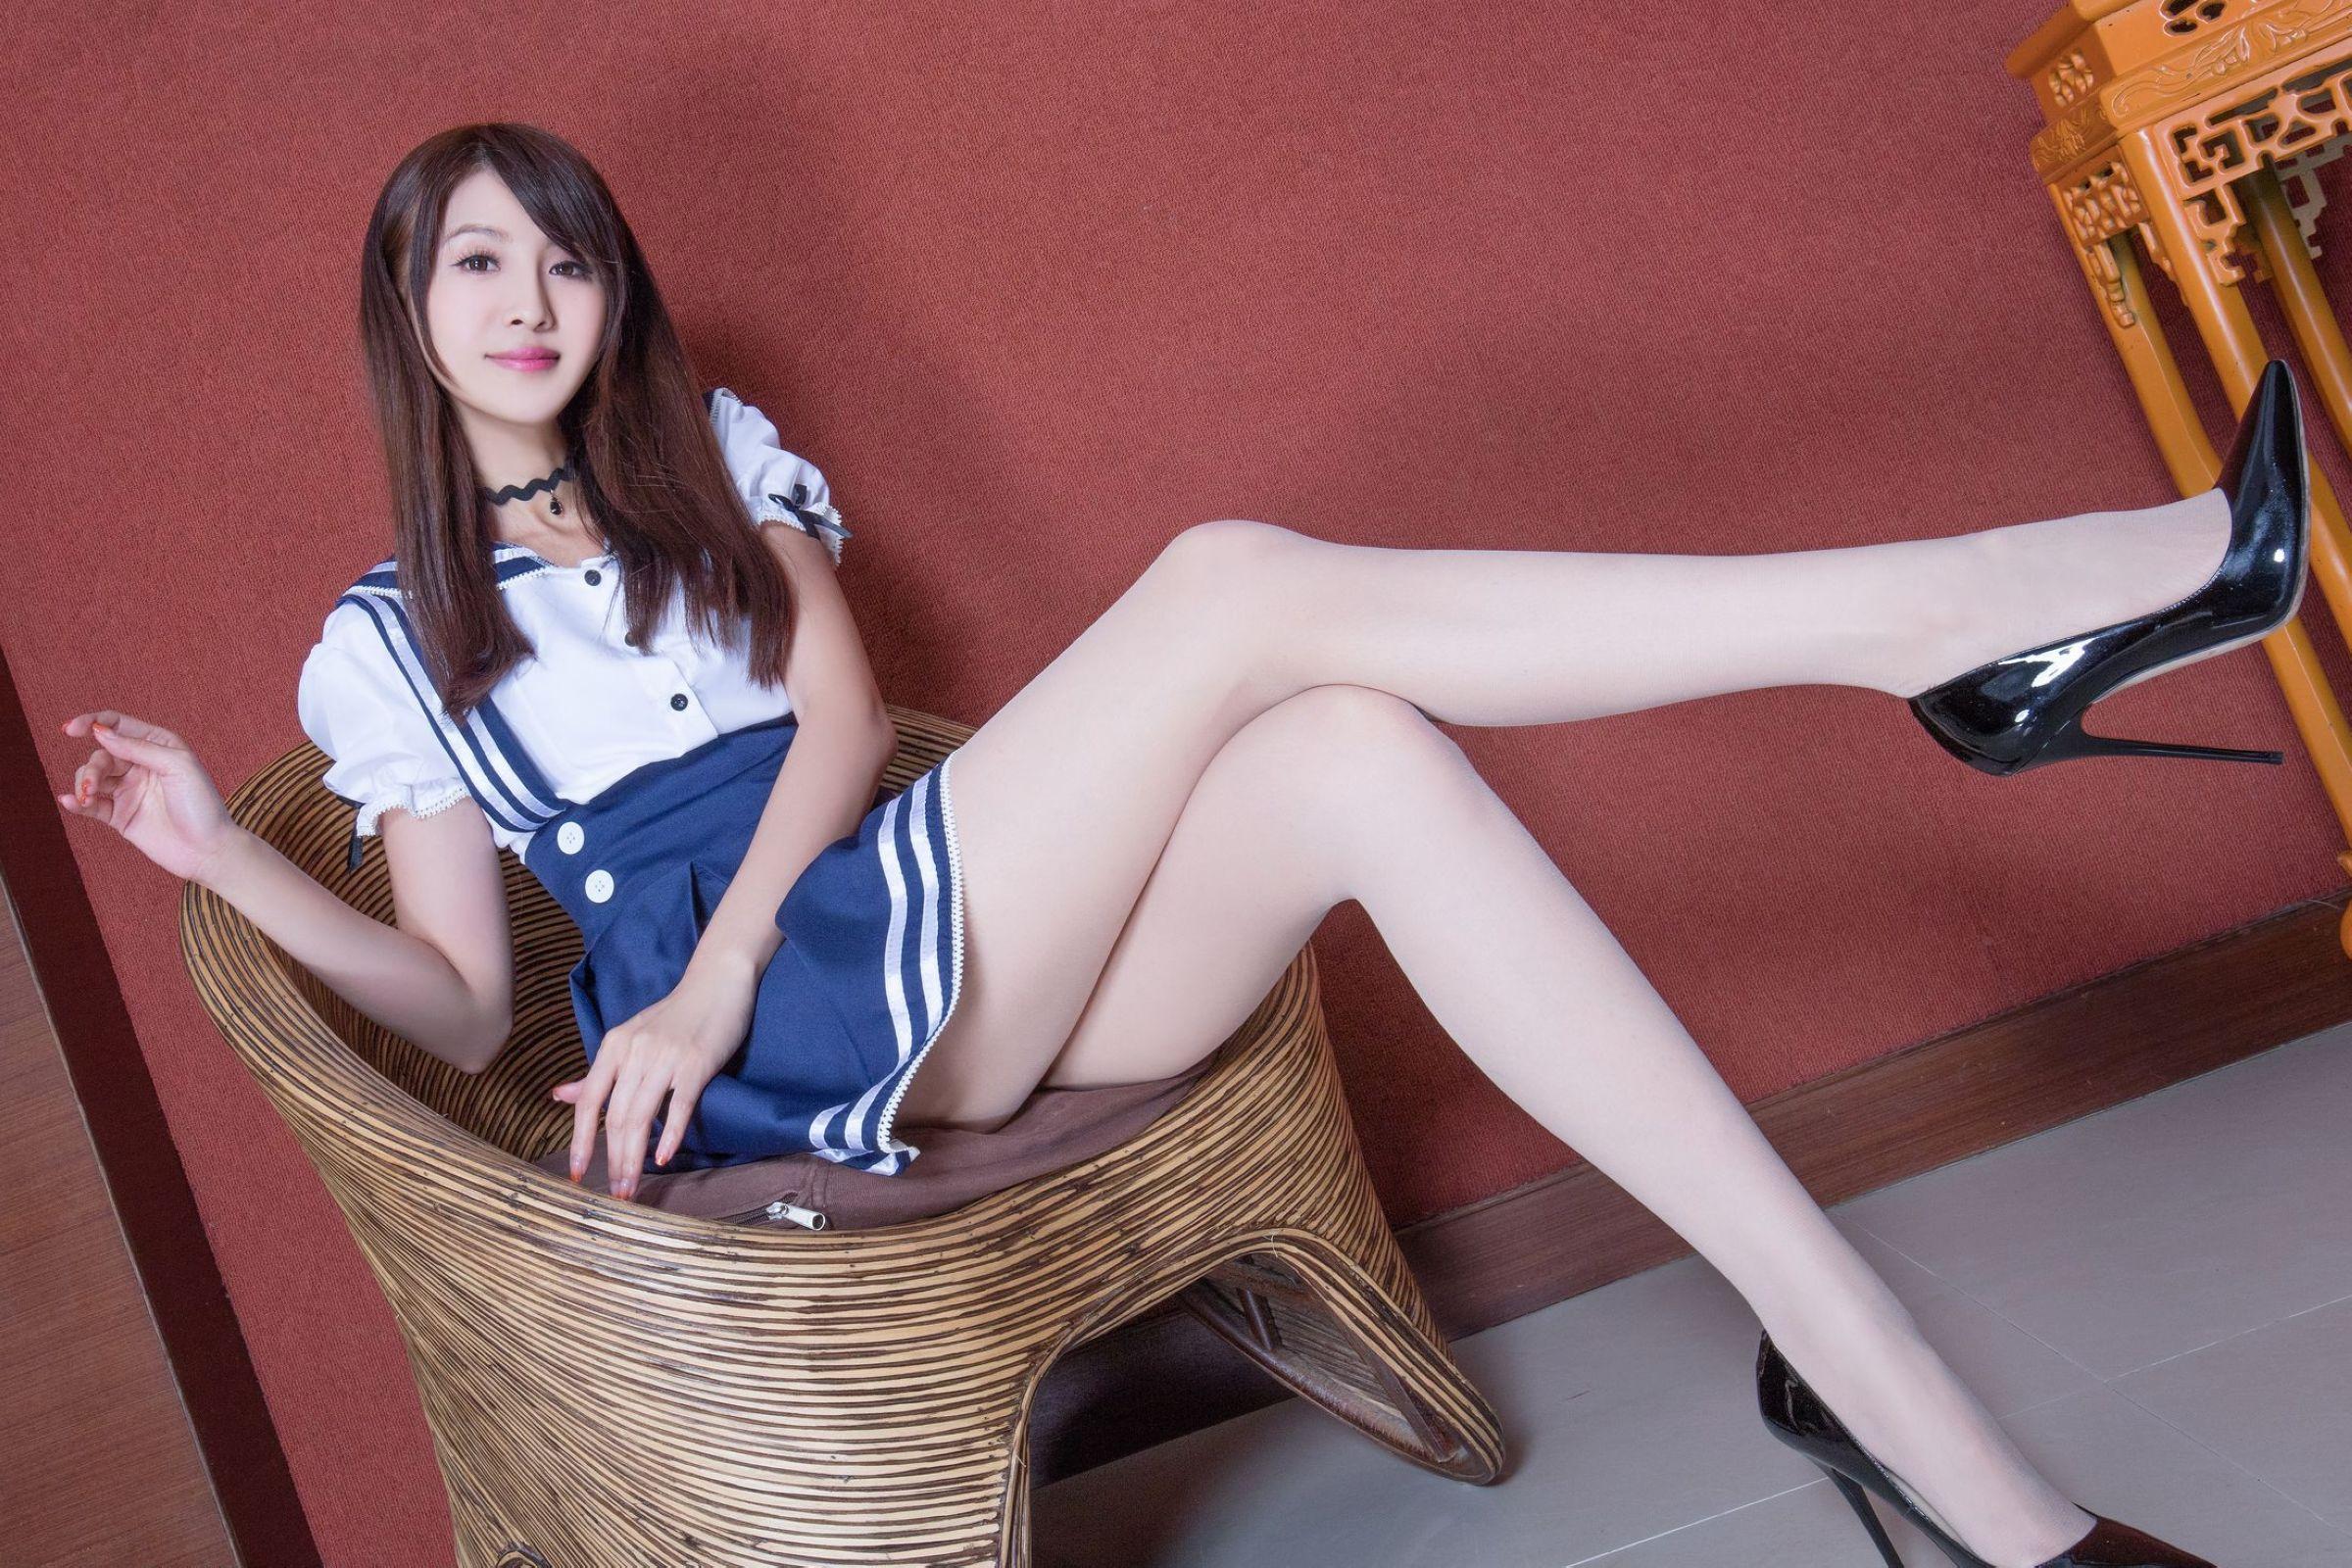 爱秀美腿秀Vicni2 - 花開有聲 - 花開有聲